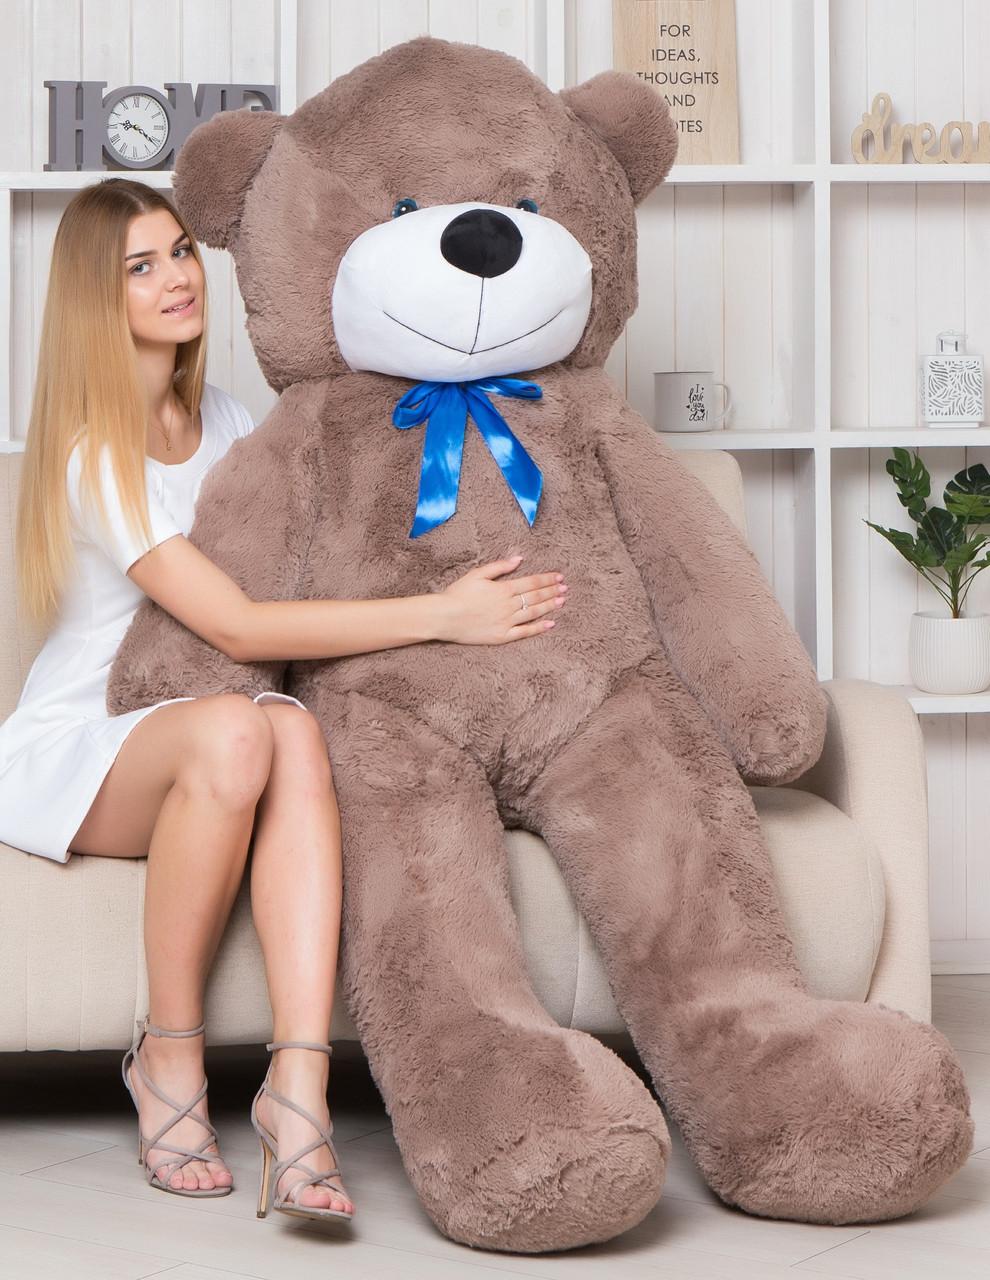 Плюшевый Мишка в Подарок. Большой Плюшевый Медведь 180 см Капучино. Большая Мягкая игрушка Мишка Плюшевый.